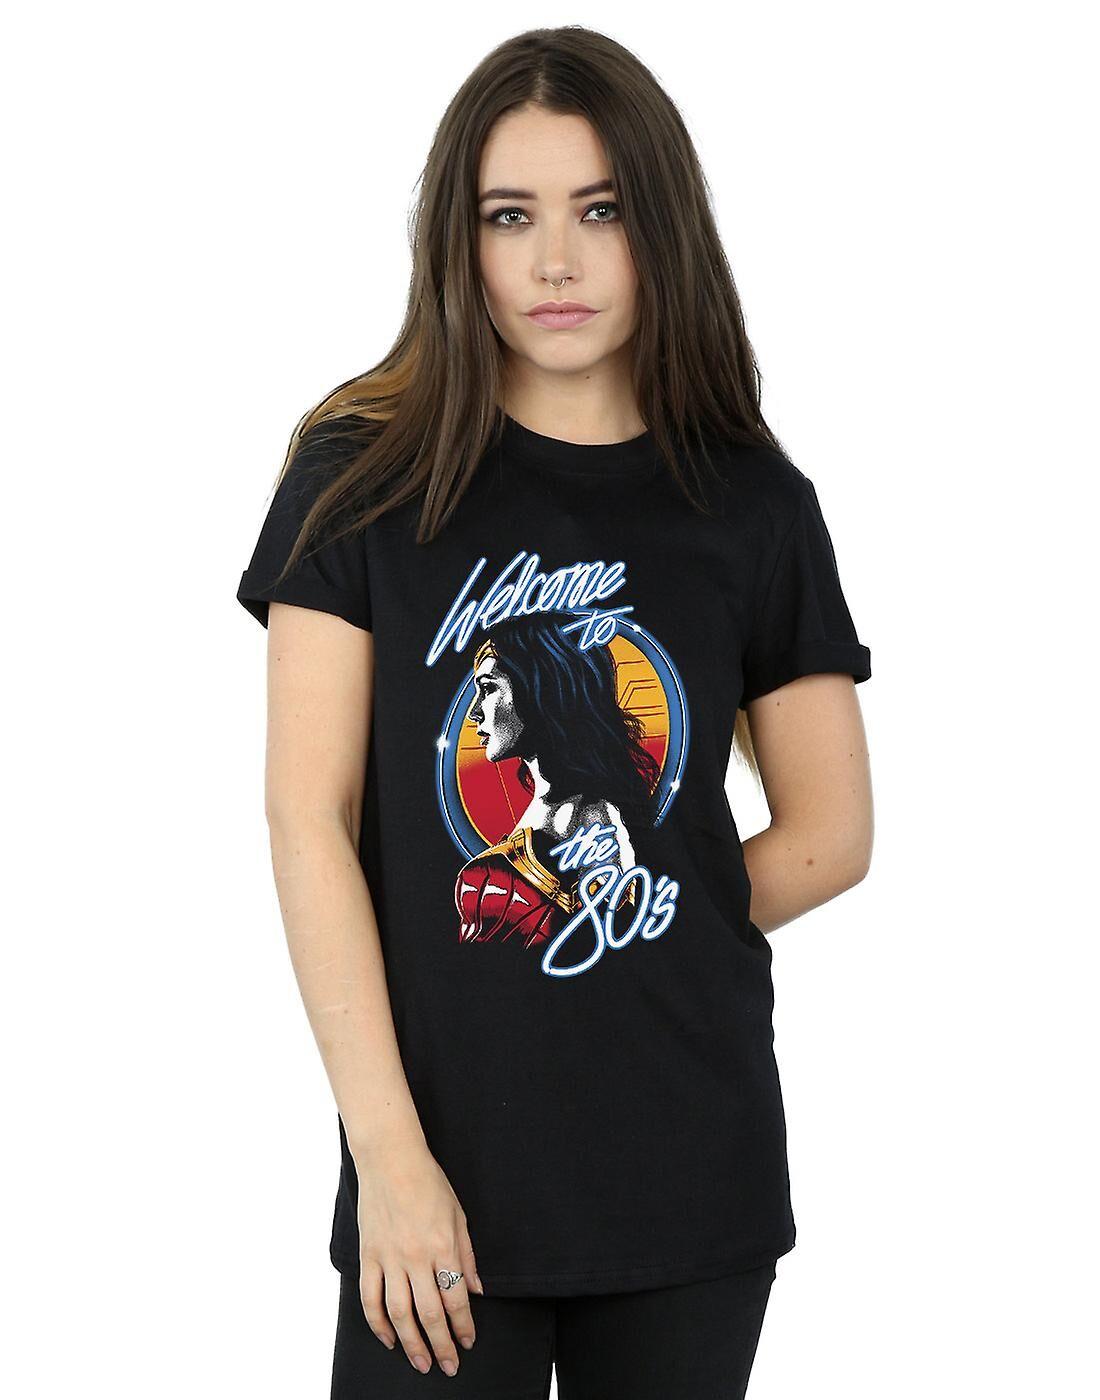 Absolute Cult DC Comics Femmes-apos;s Wonder Woman 84 Bienvenue dans les années 80 Boyfriend Fit T-Shirt Noir Medium